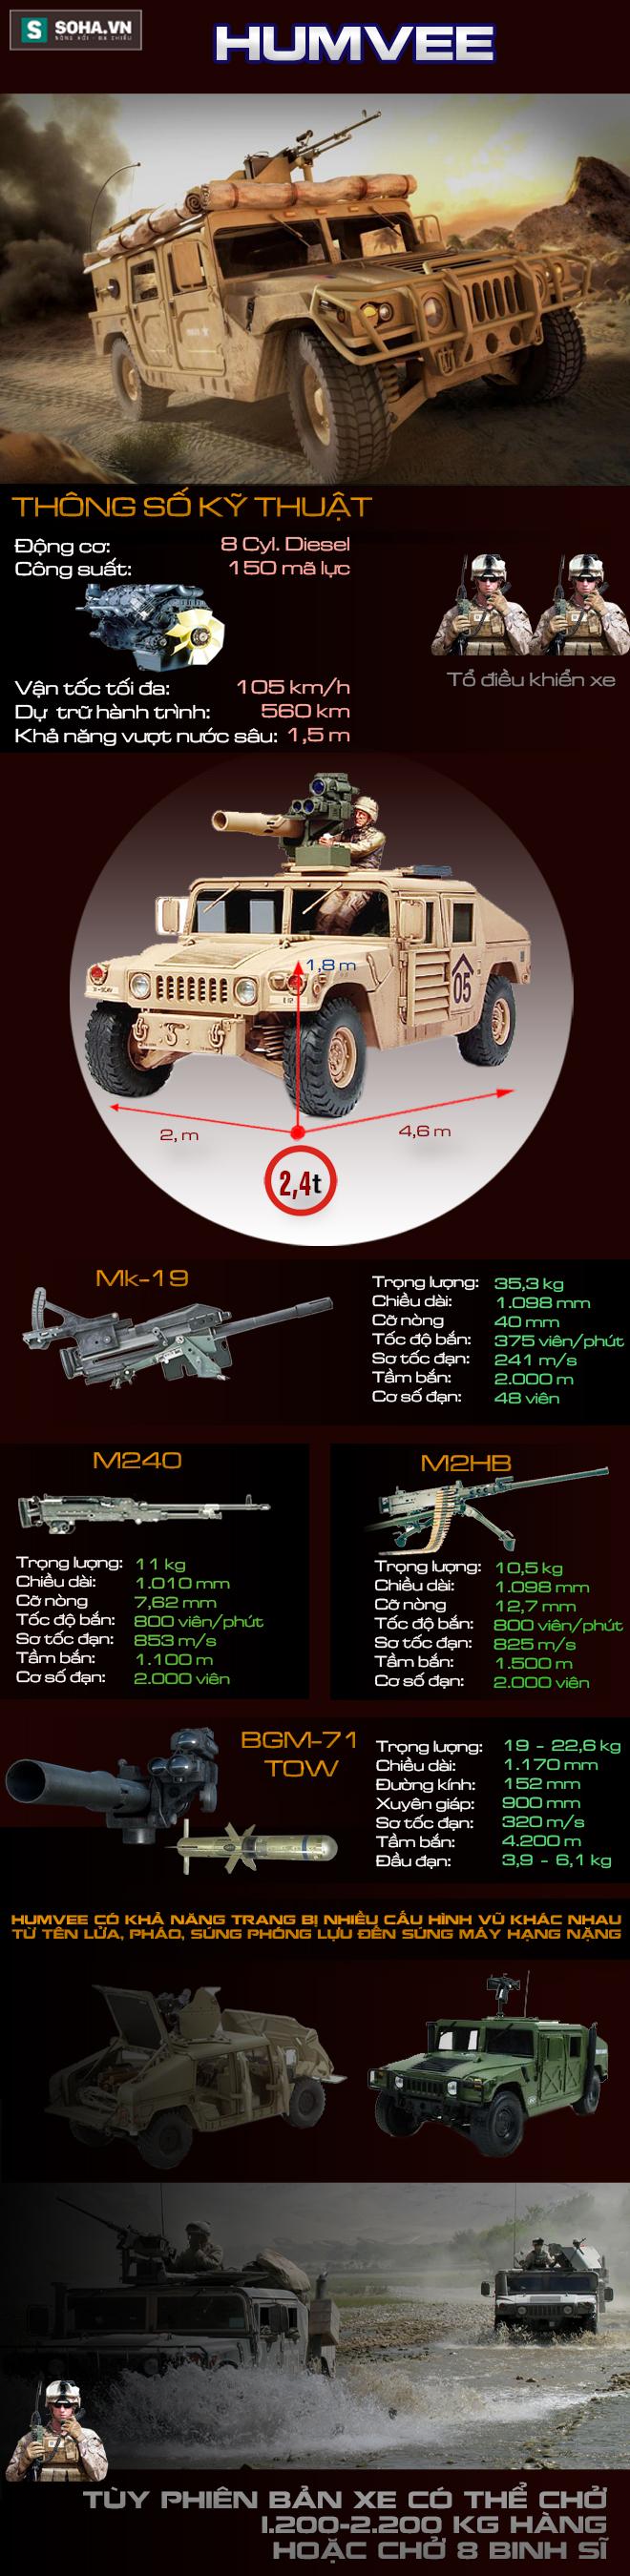 Thiết giáp vạn năng nhưng... dễ bị bắn thủng của Quân đội Mỹ - Ảnh 1.